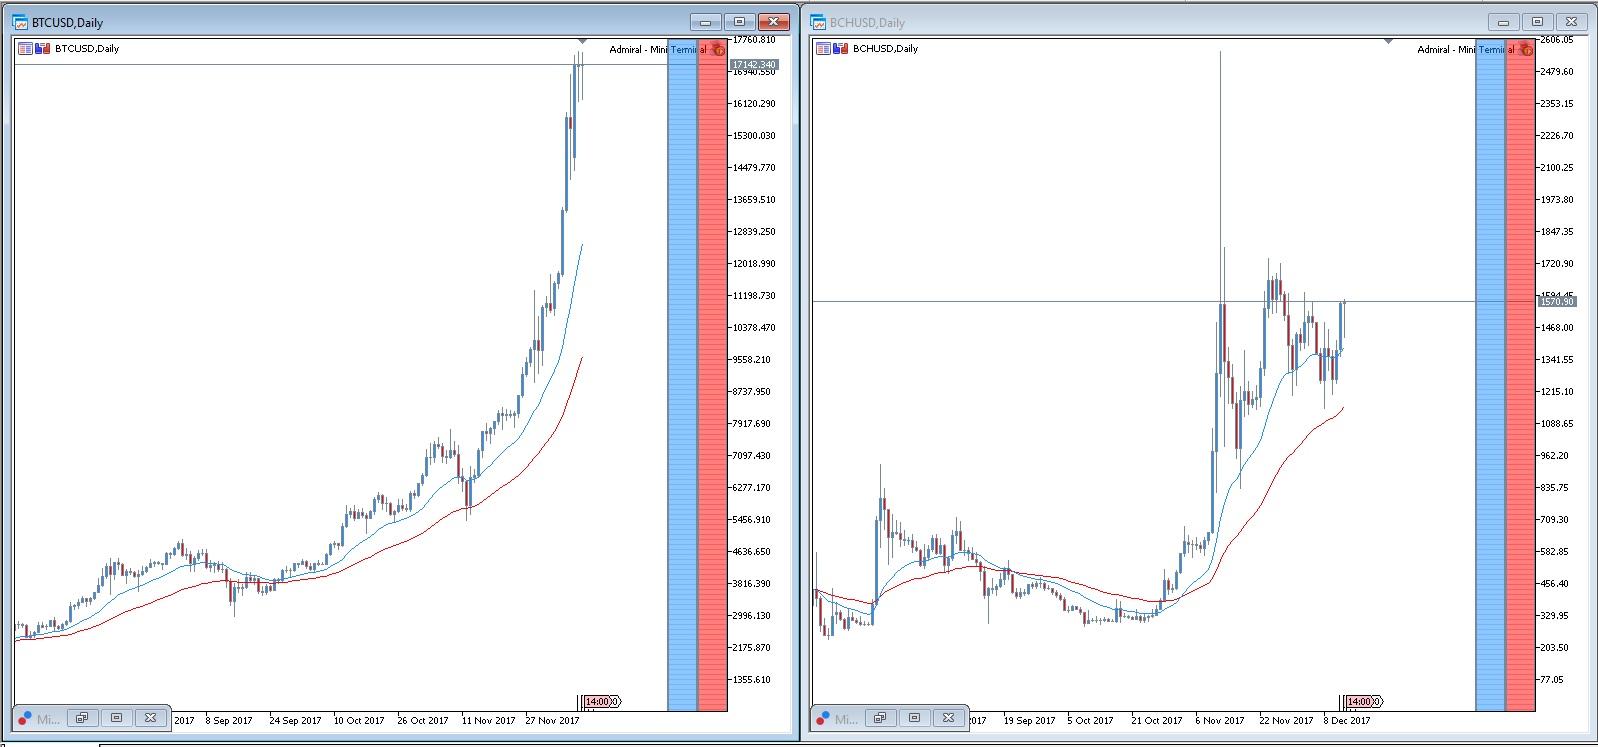 Bitcoin Cash vs Bitcoin